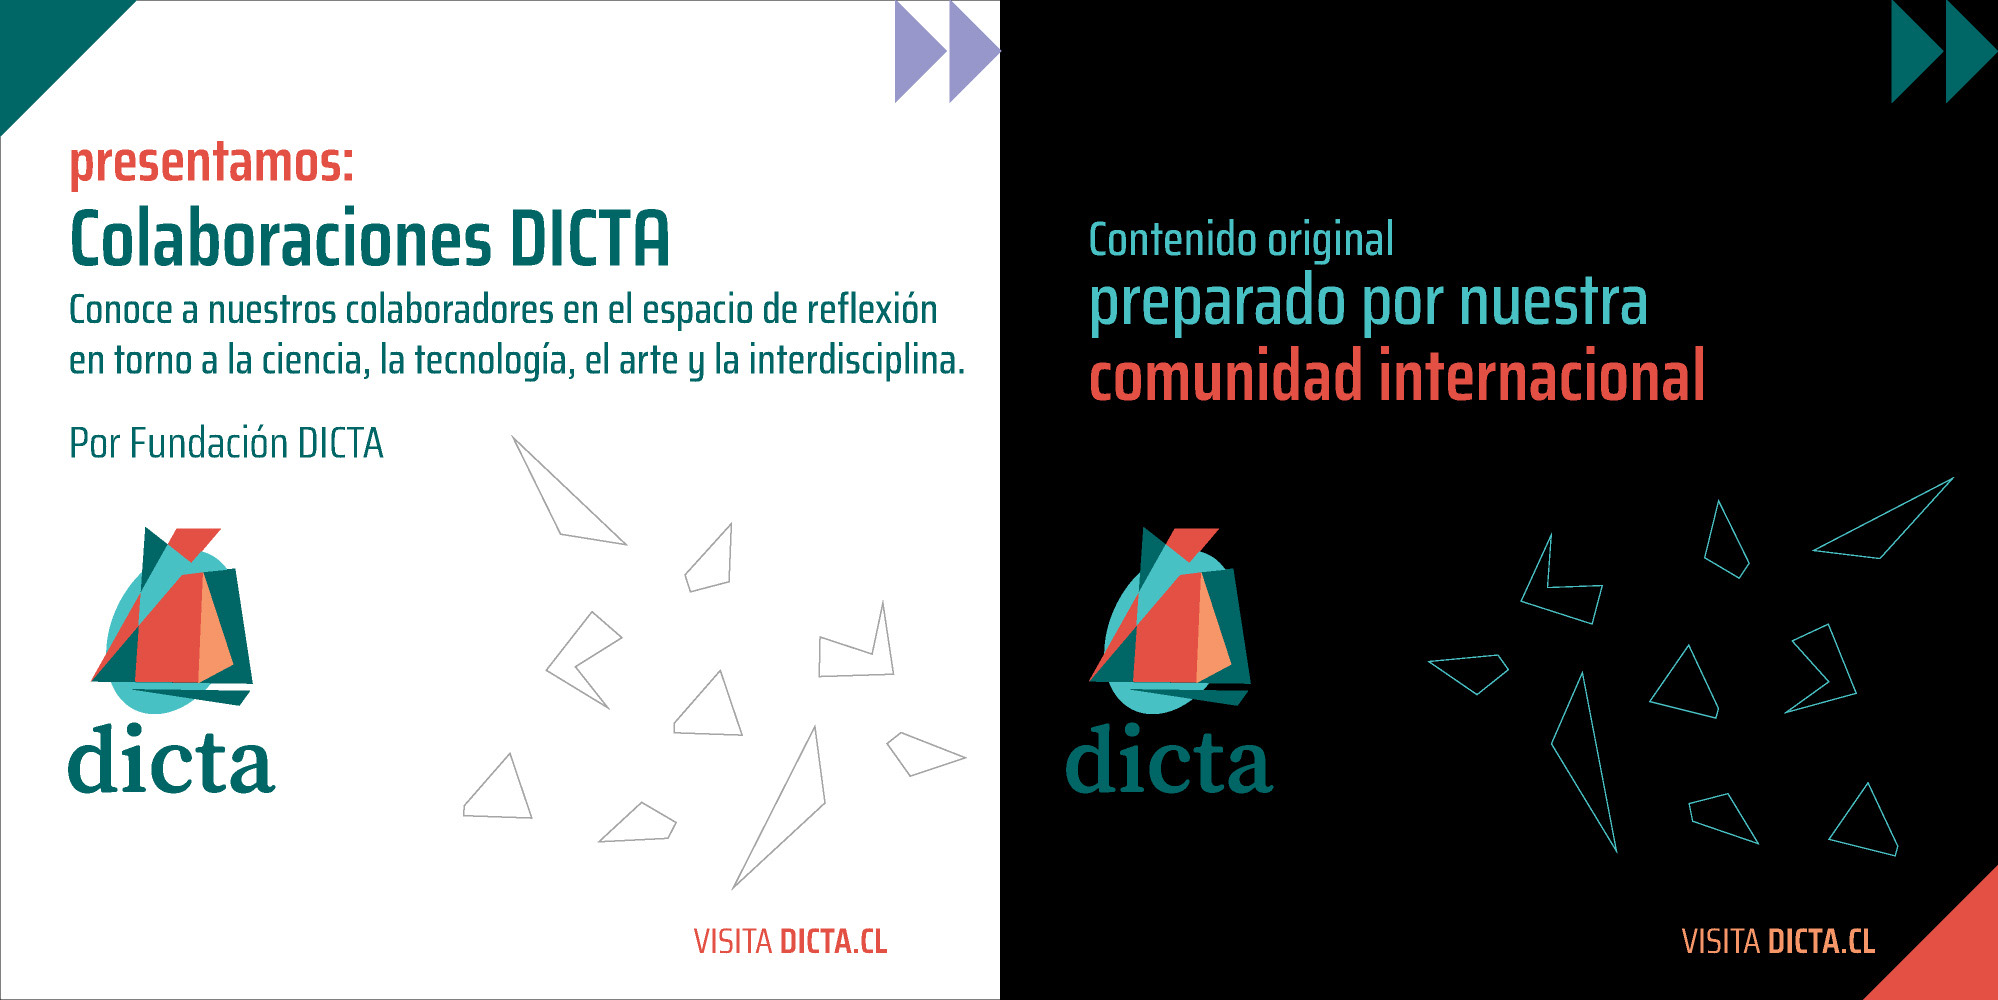 Presentamos Colaboraciones DICTA